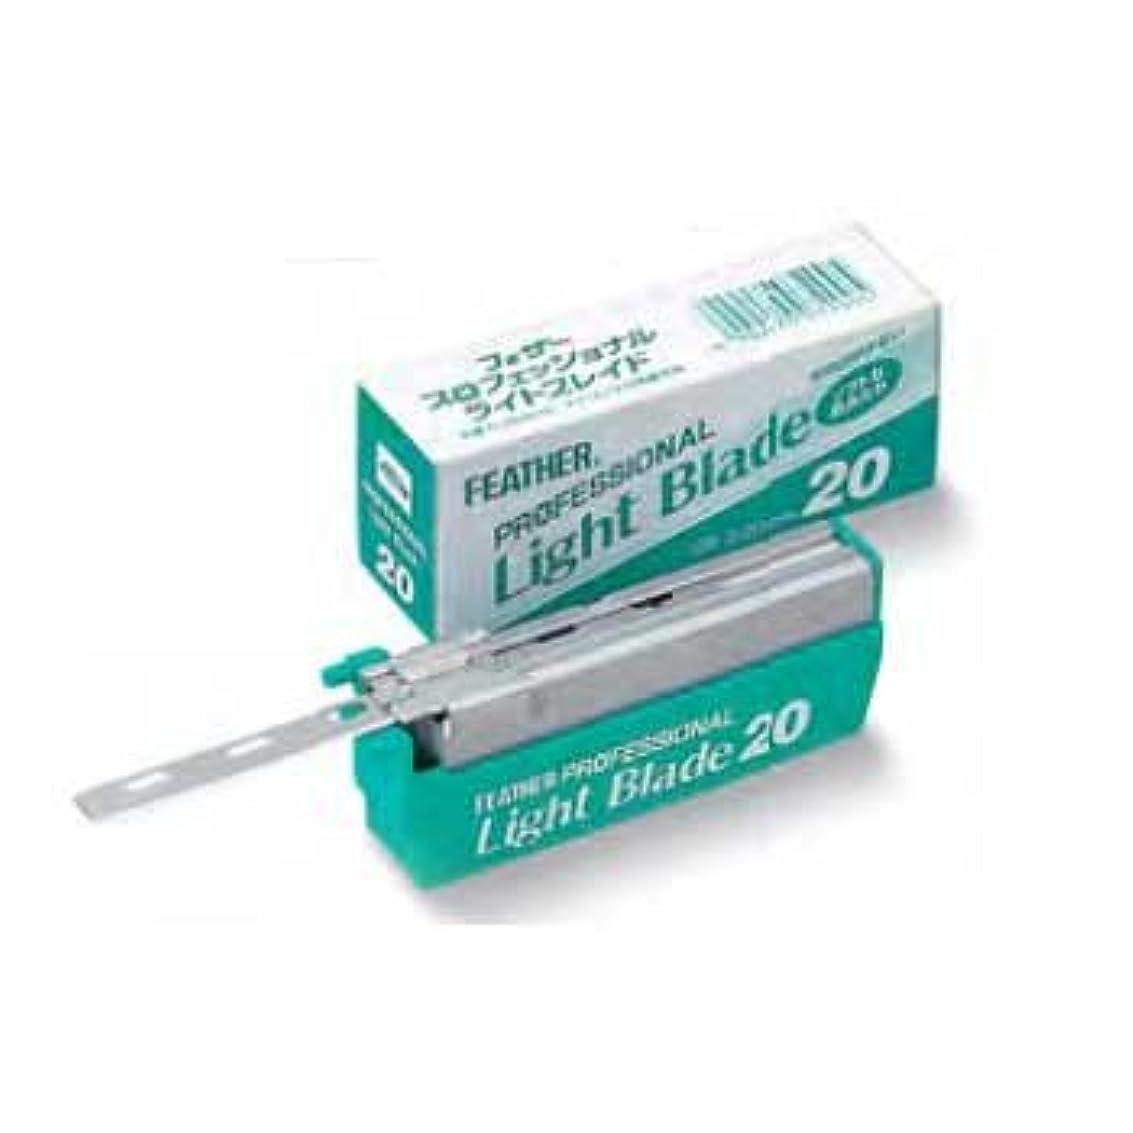 不透明などこか一握りフェザー プロフェッショナル ライトブレイド PL-20 20枚×10 替刃 刃の出が少ないソフトな肌当たり FEATHER アーティストクラブ用替刃